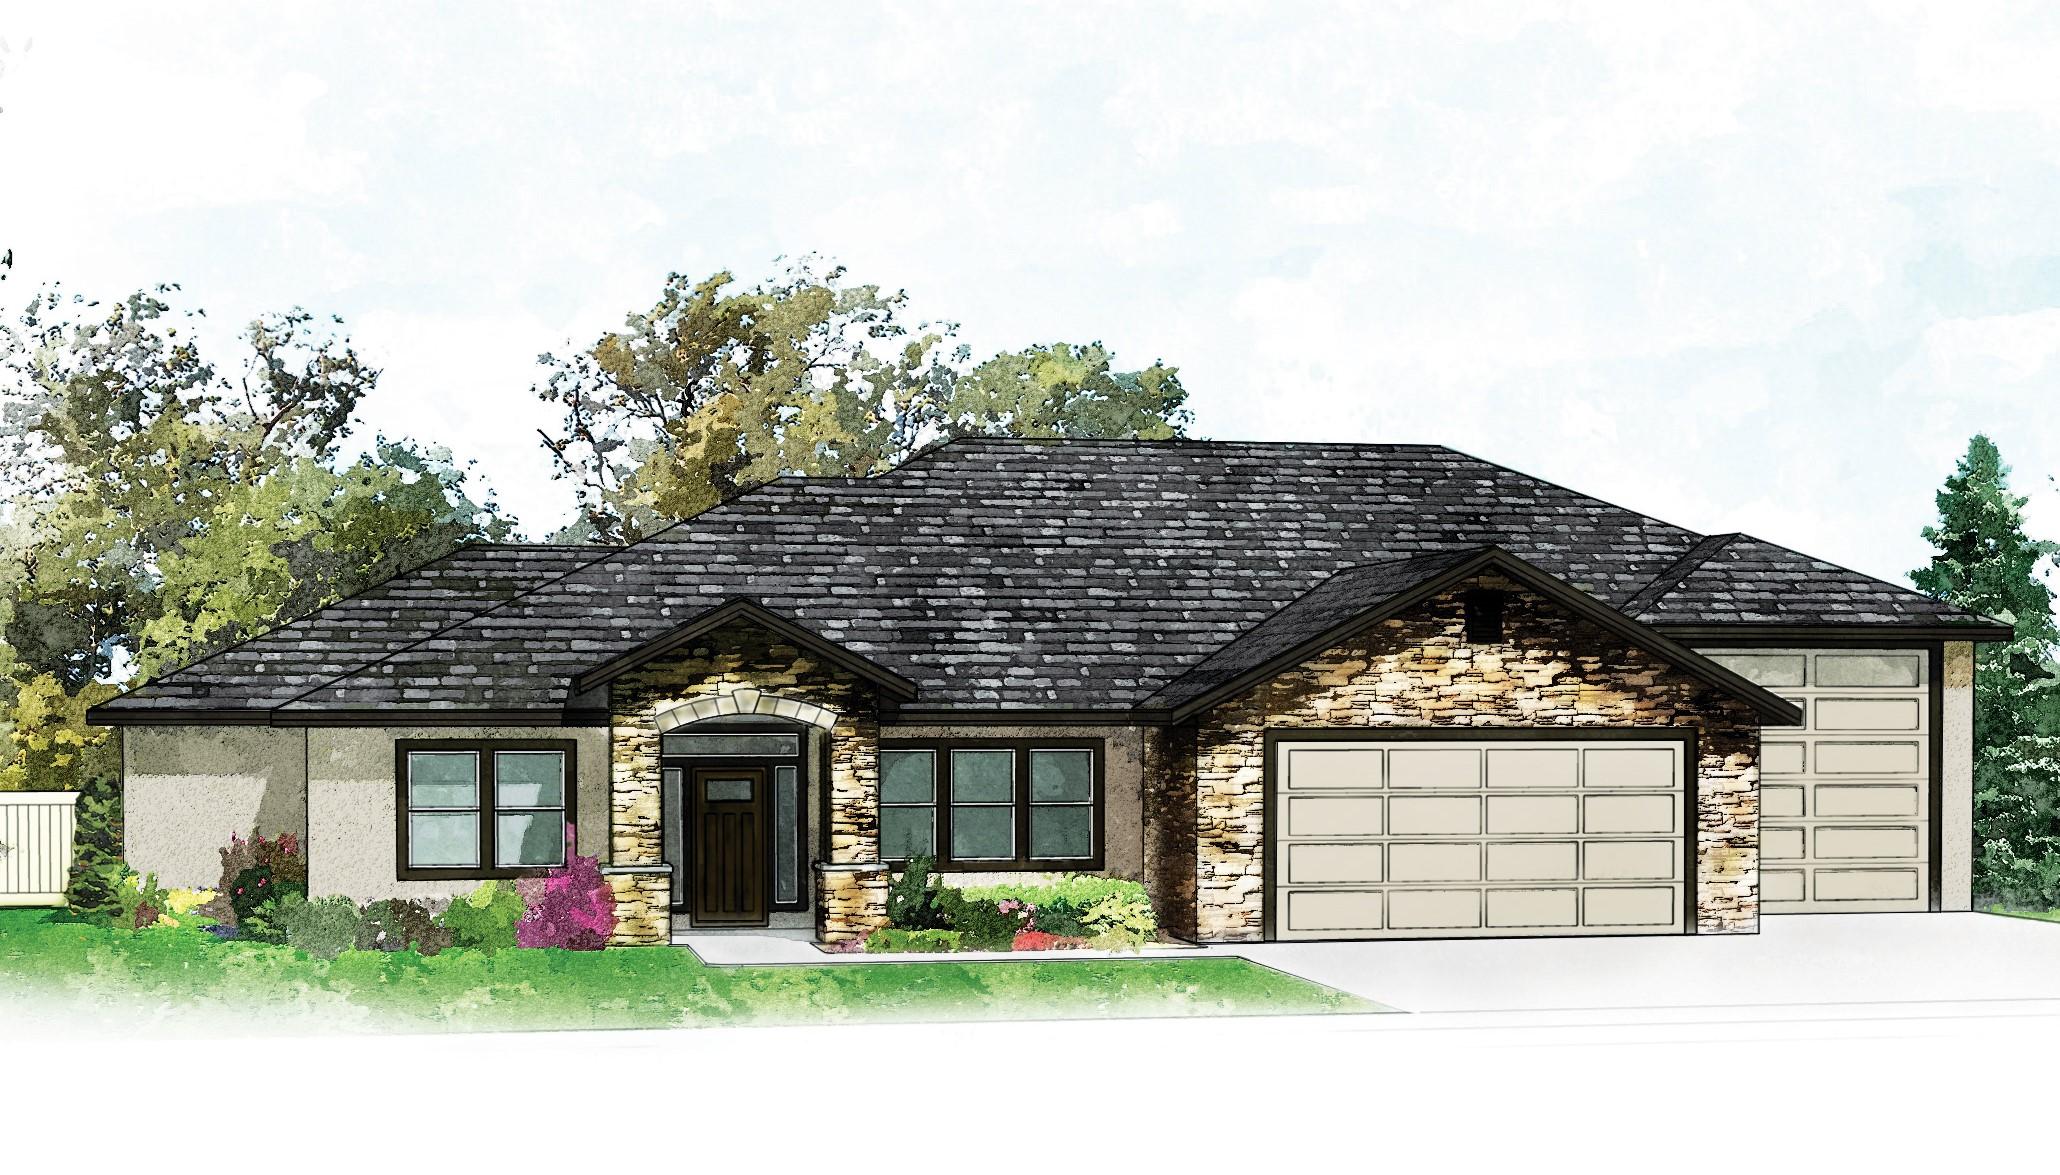 Maison unifamiliale pour l Vente à 2696 Afleet Avenue, Meridian 2696 S Afleet Ave Meridian, Idaho, 83709 États-Unis